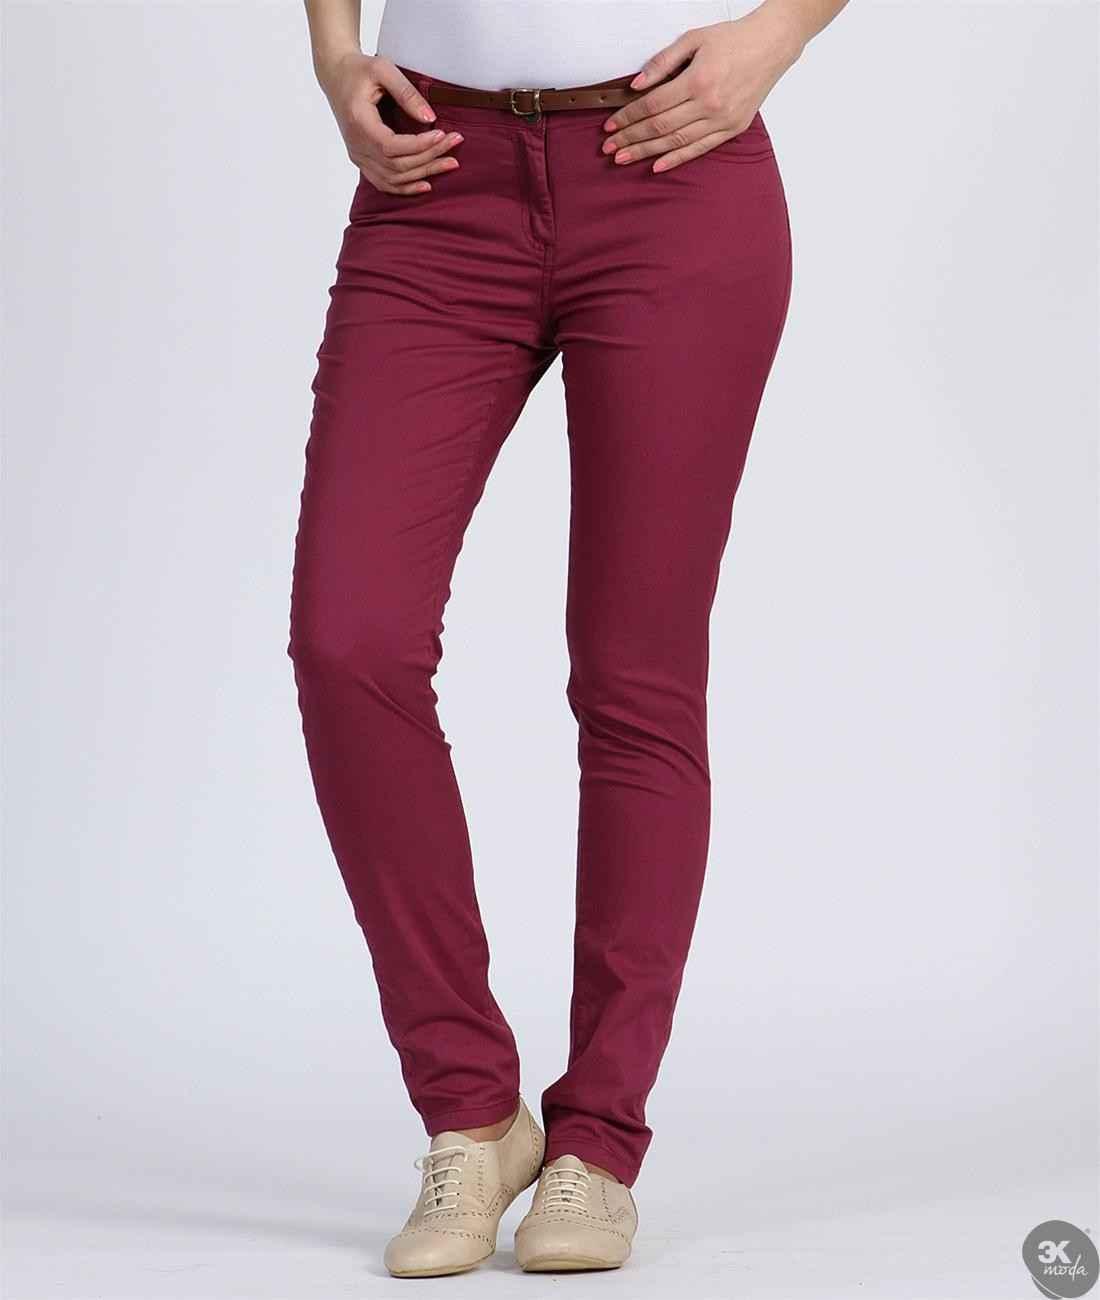 Collezione Pantolon Modelleri